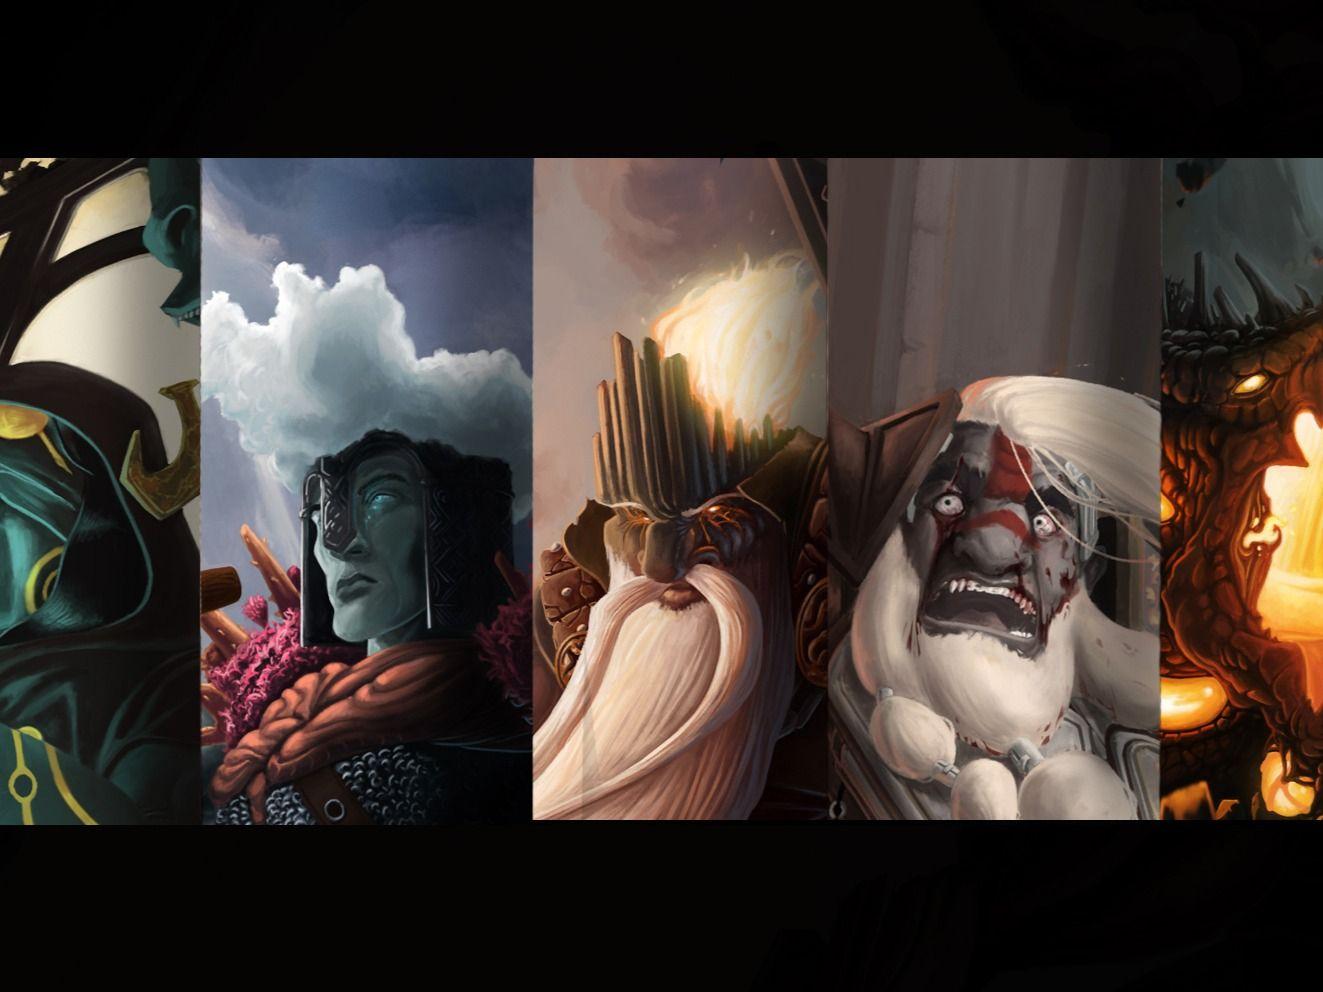 Tolkien's Silmarillion - Illustration & Character Design Project